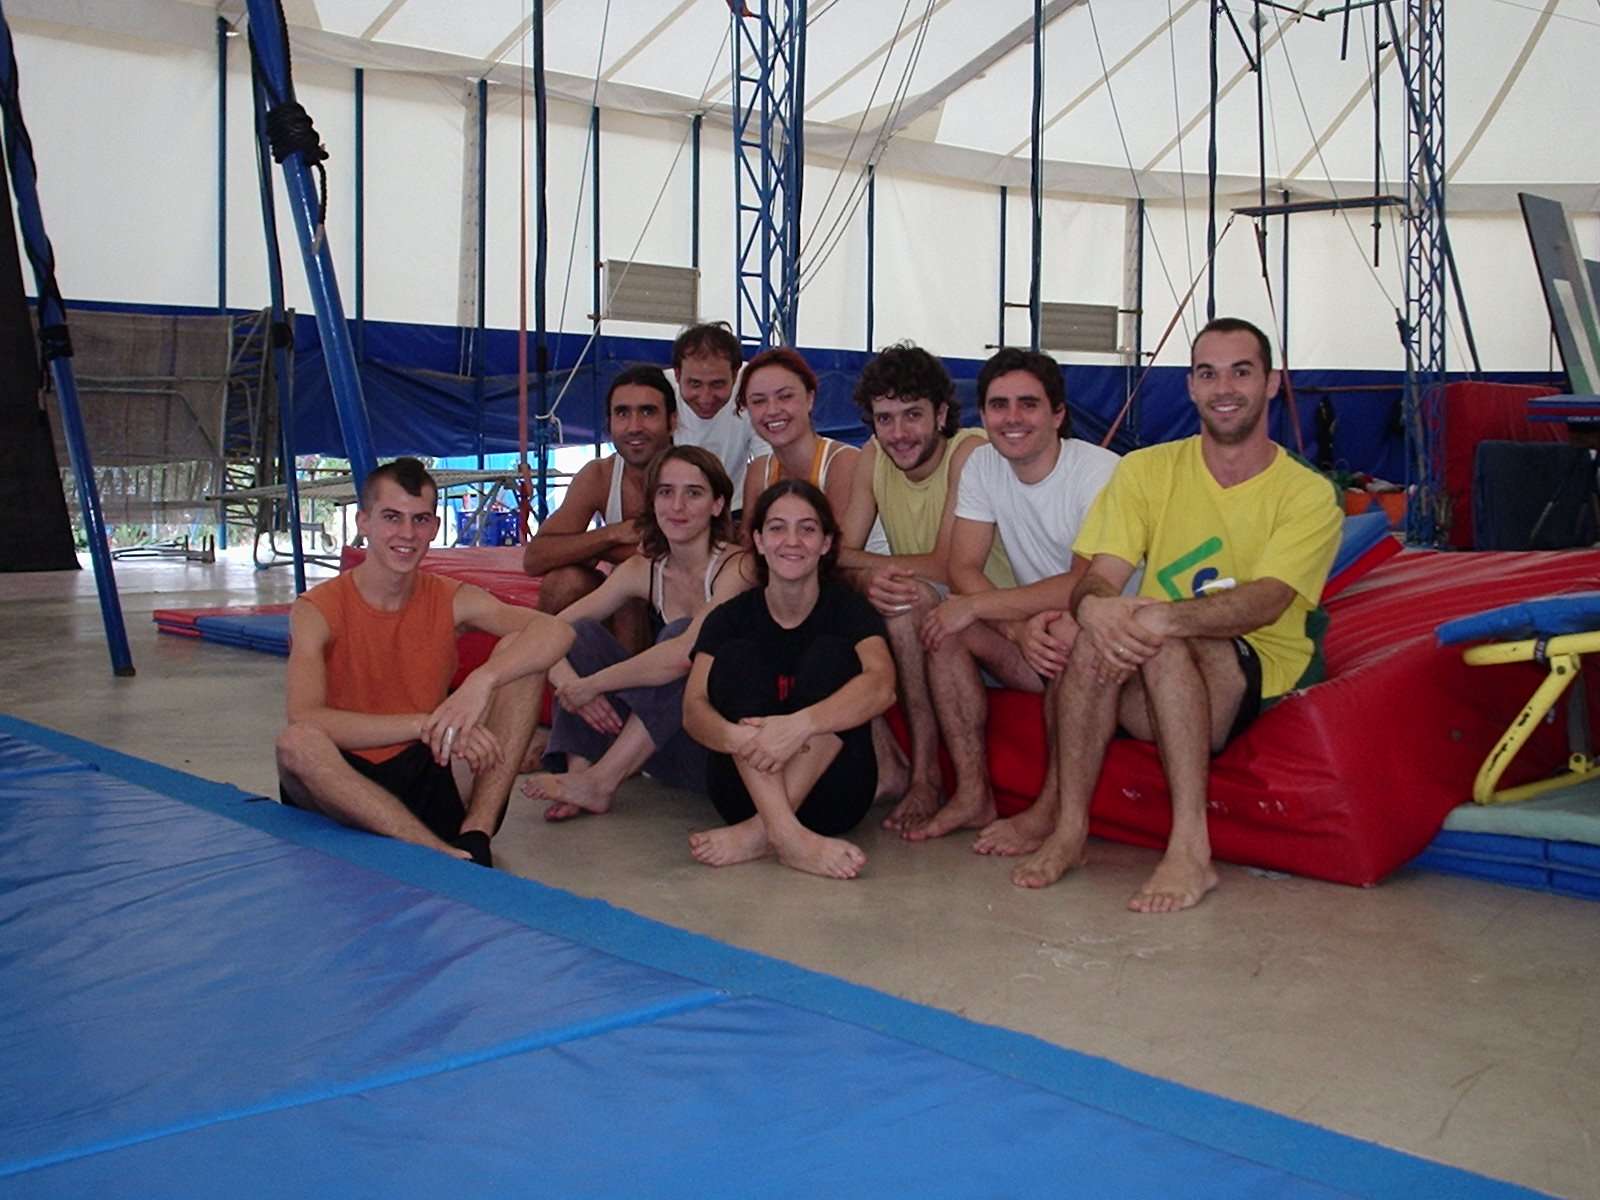 Escola de Circo Rogelio Rivel, Barcelona, 2004